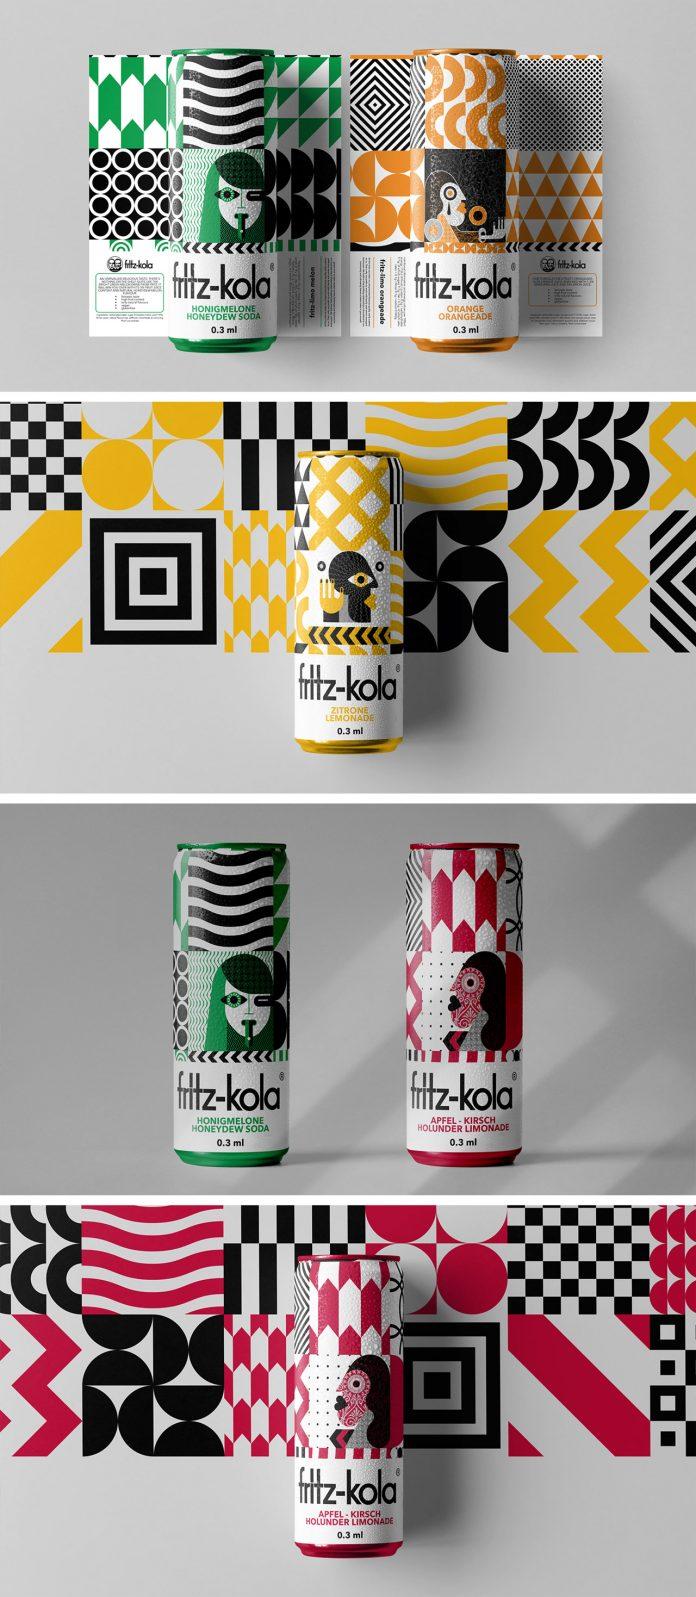 Fritz-Kola Packaging Design Concept by Vinille Büro